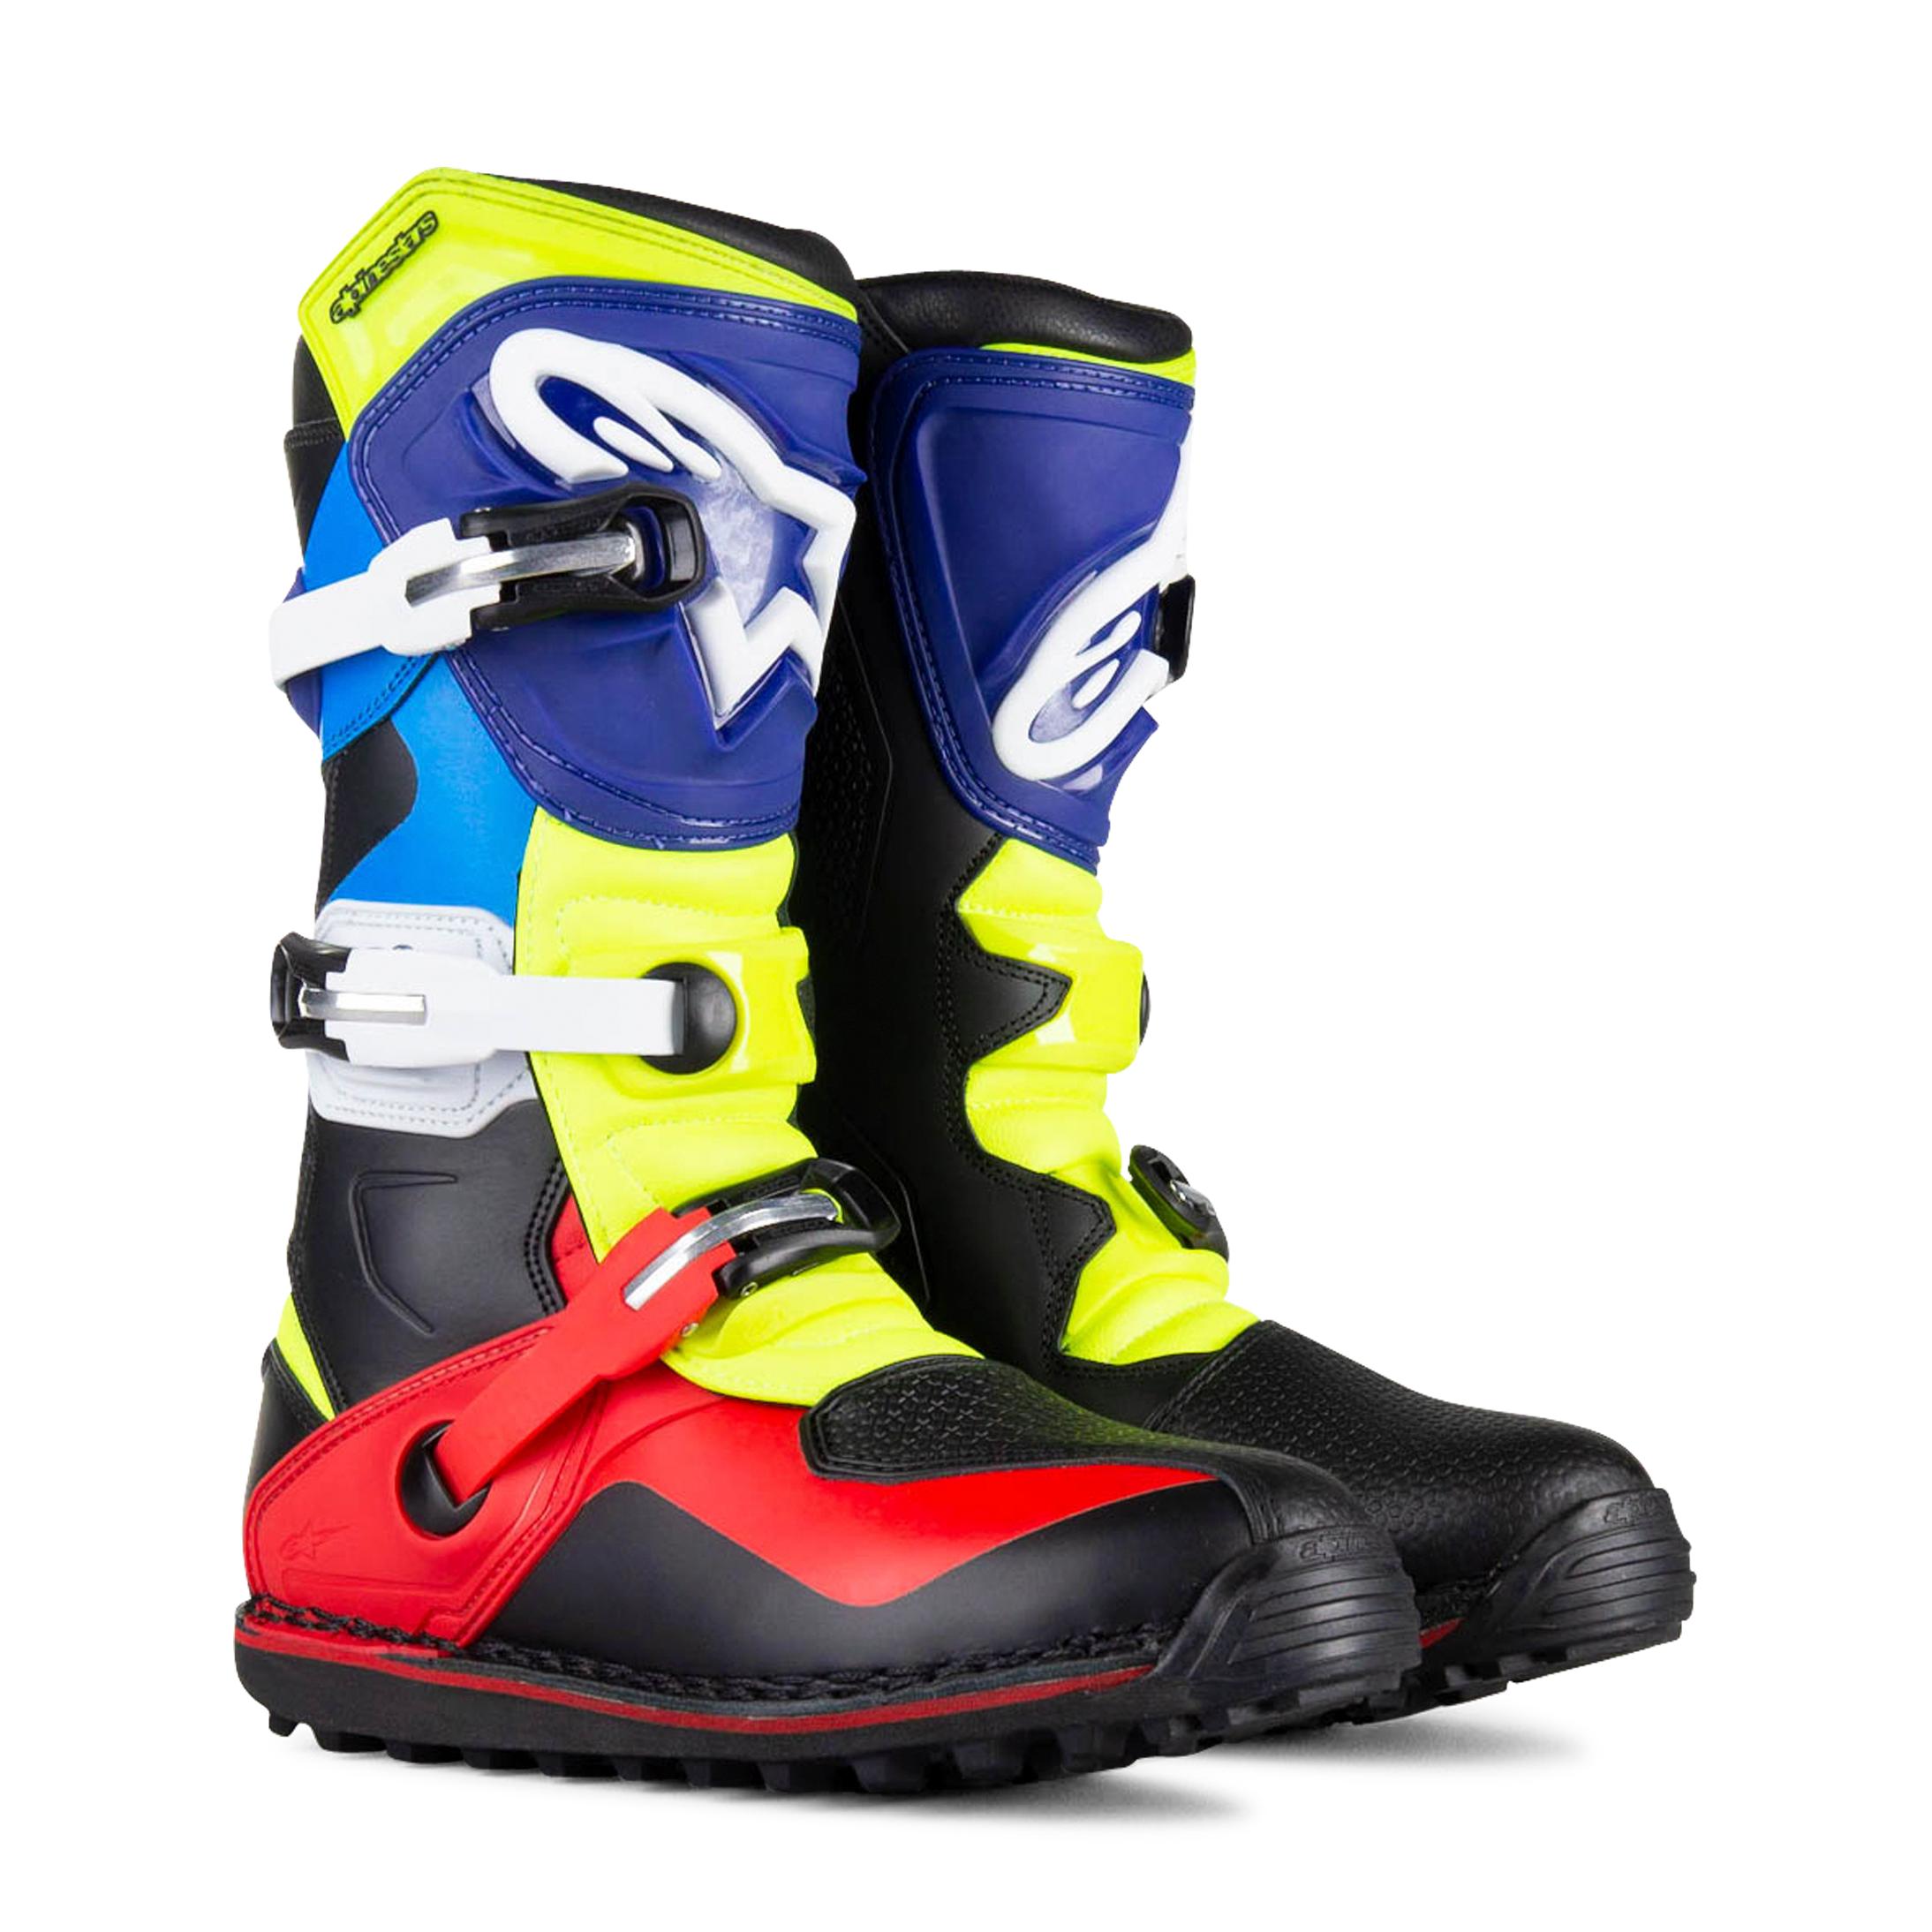 Alpinestars Stivali Cross  Tech T Nero-Rosso-Blu-Giallo Fluo